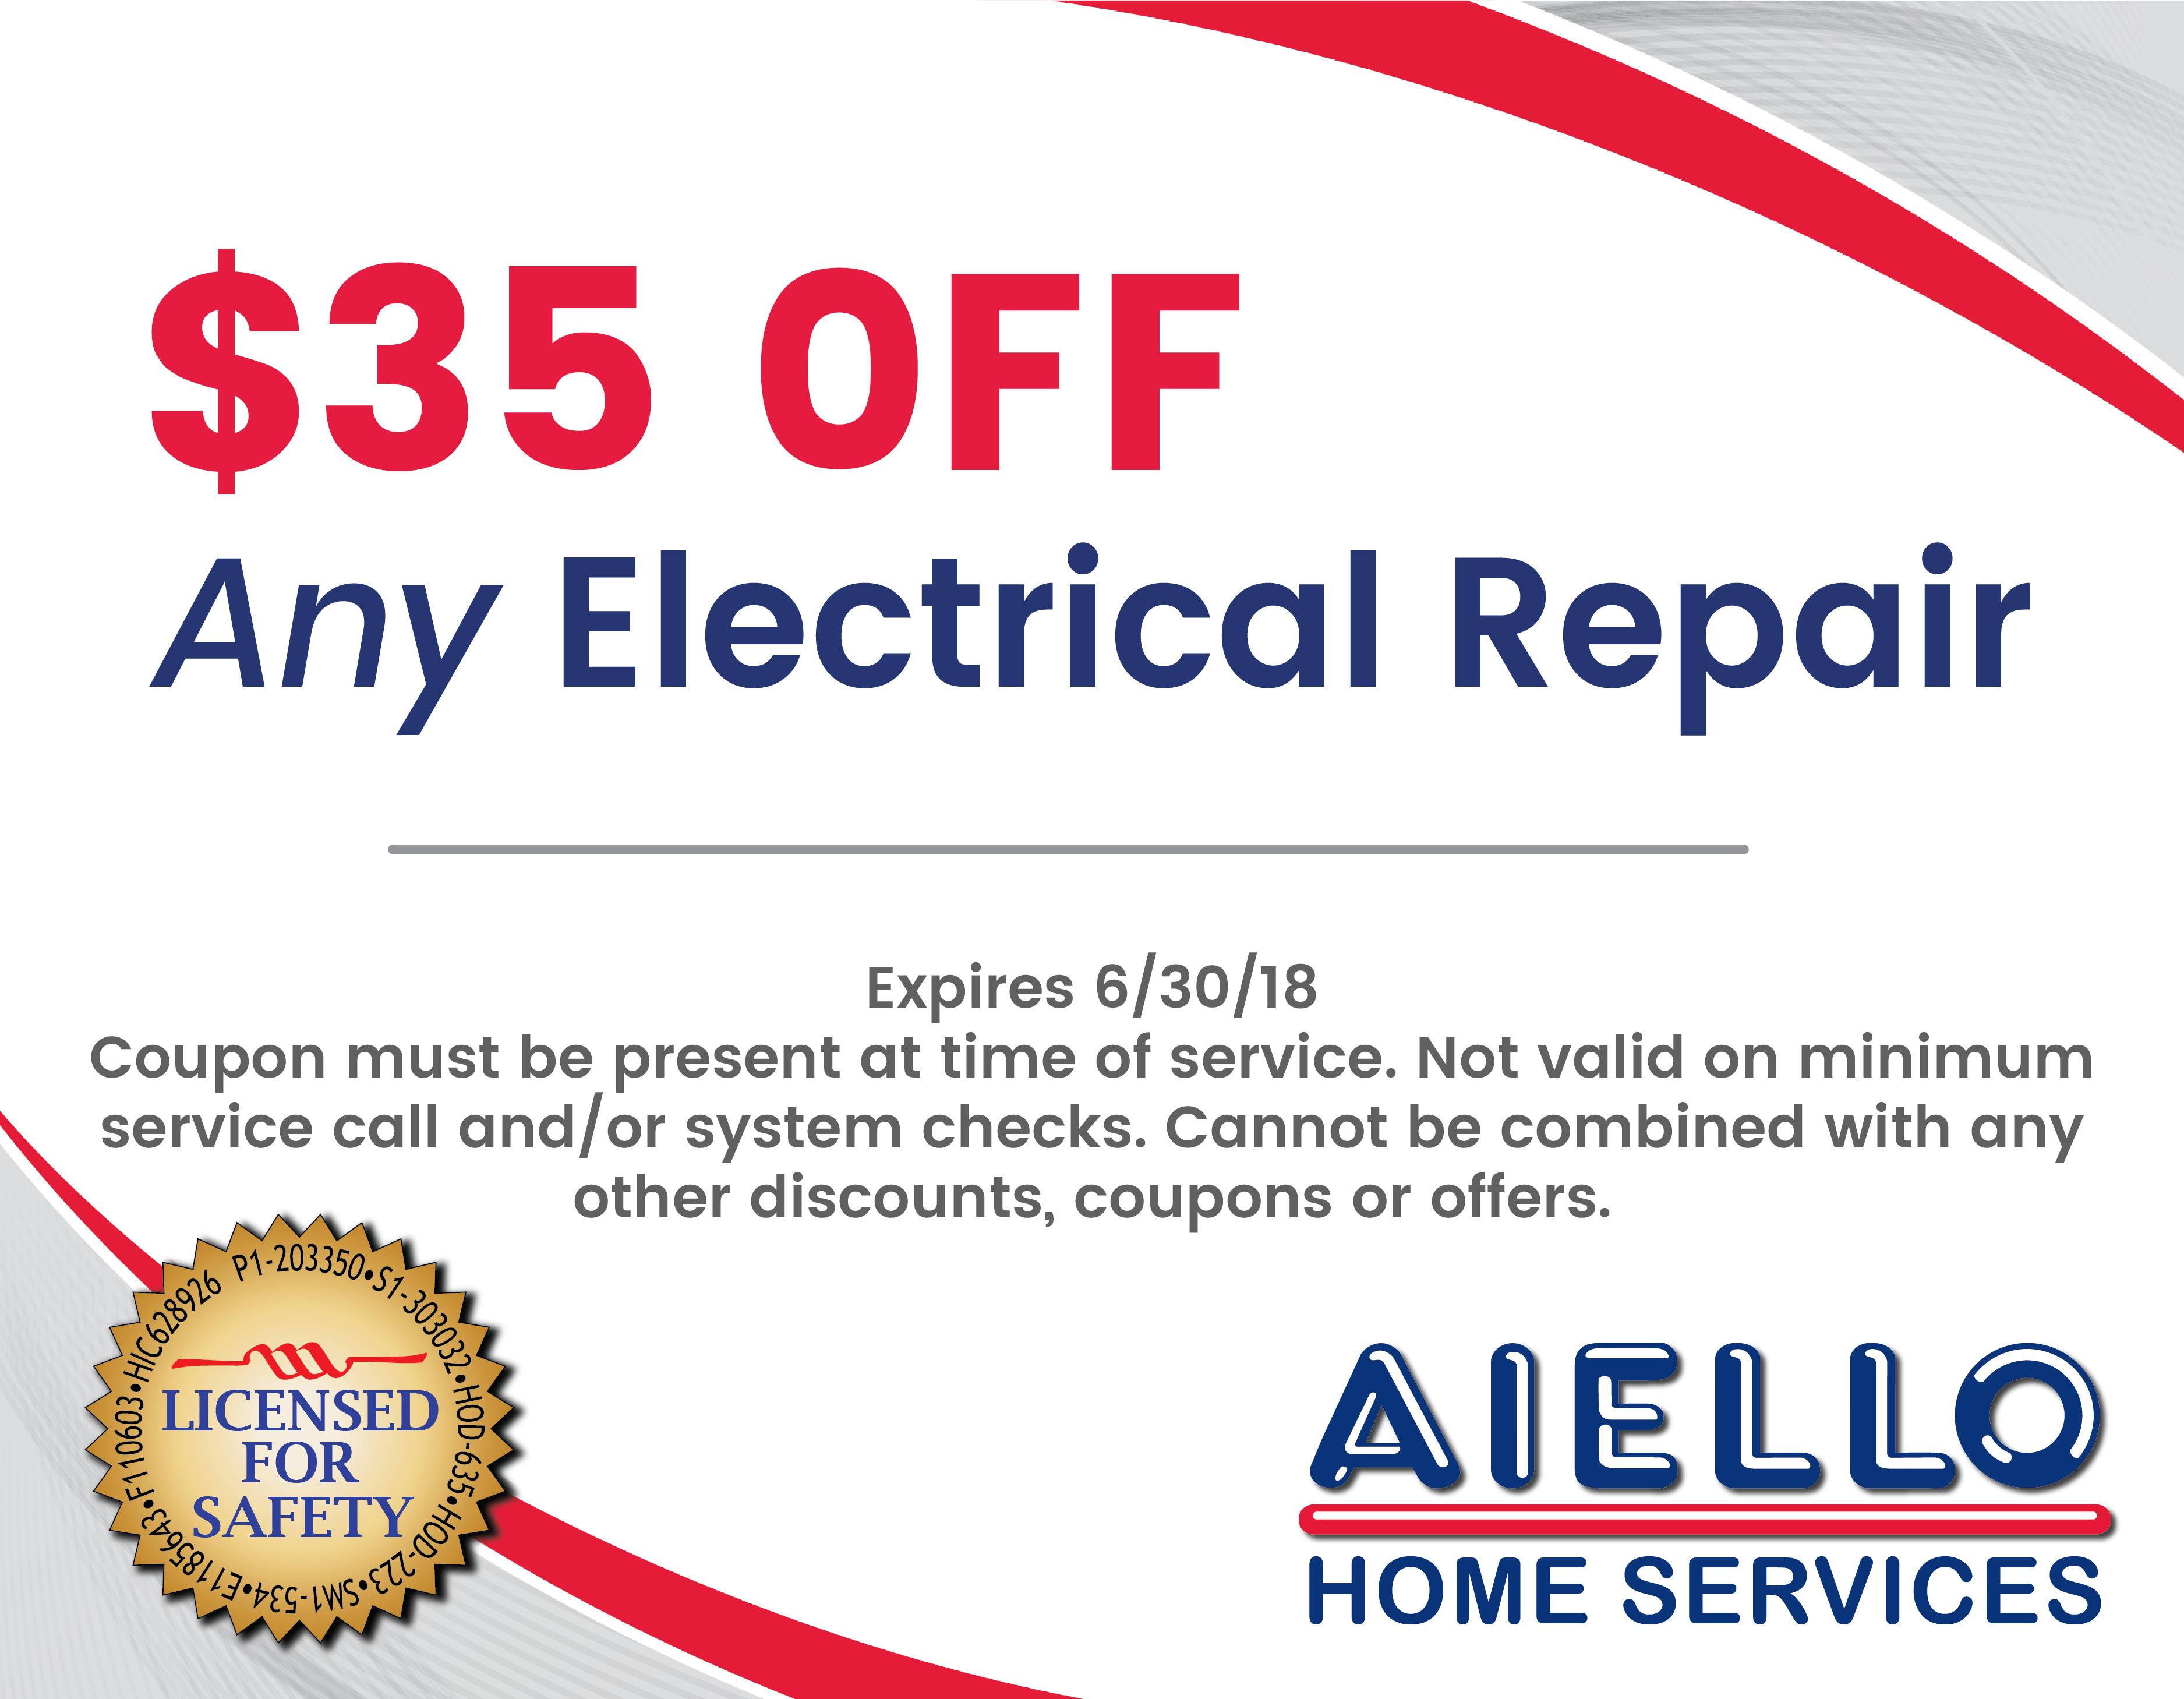 Electrical Repair Discount Coupon